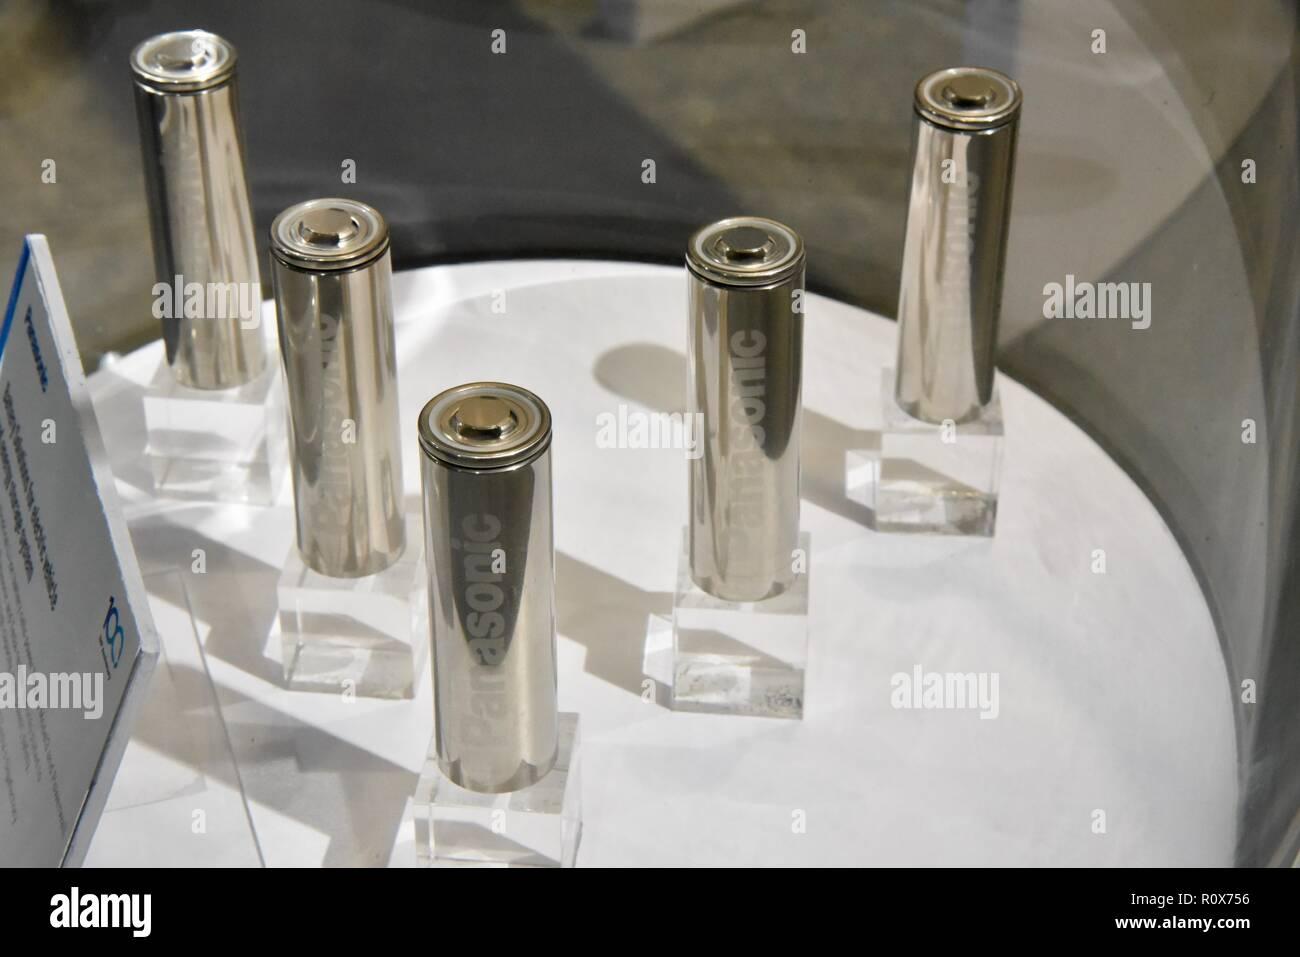 Panasonic de cellules lithium-ion pour les batteries utilisées dans les véhicules Tesla, CES (Consumer Electronics Show), world's largest Technology Show, Las Vegas, USA. Photo Stock